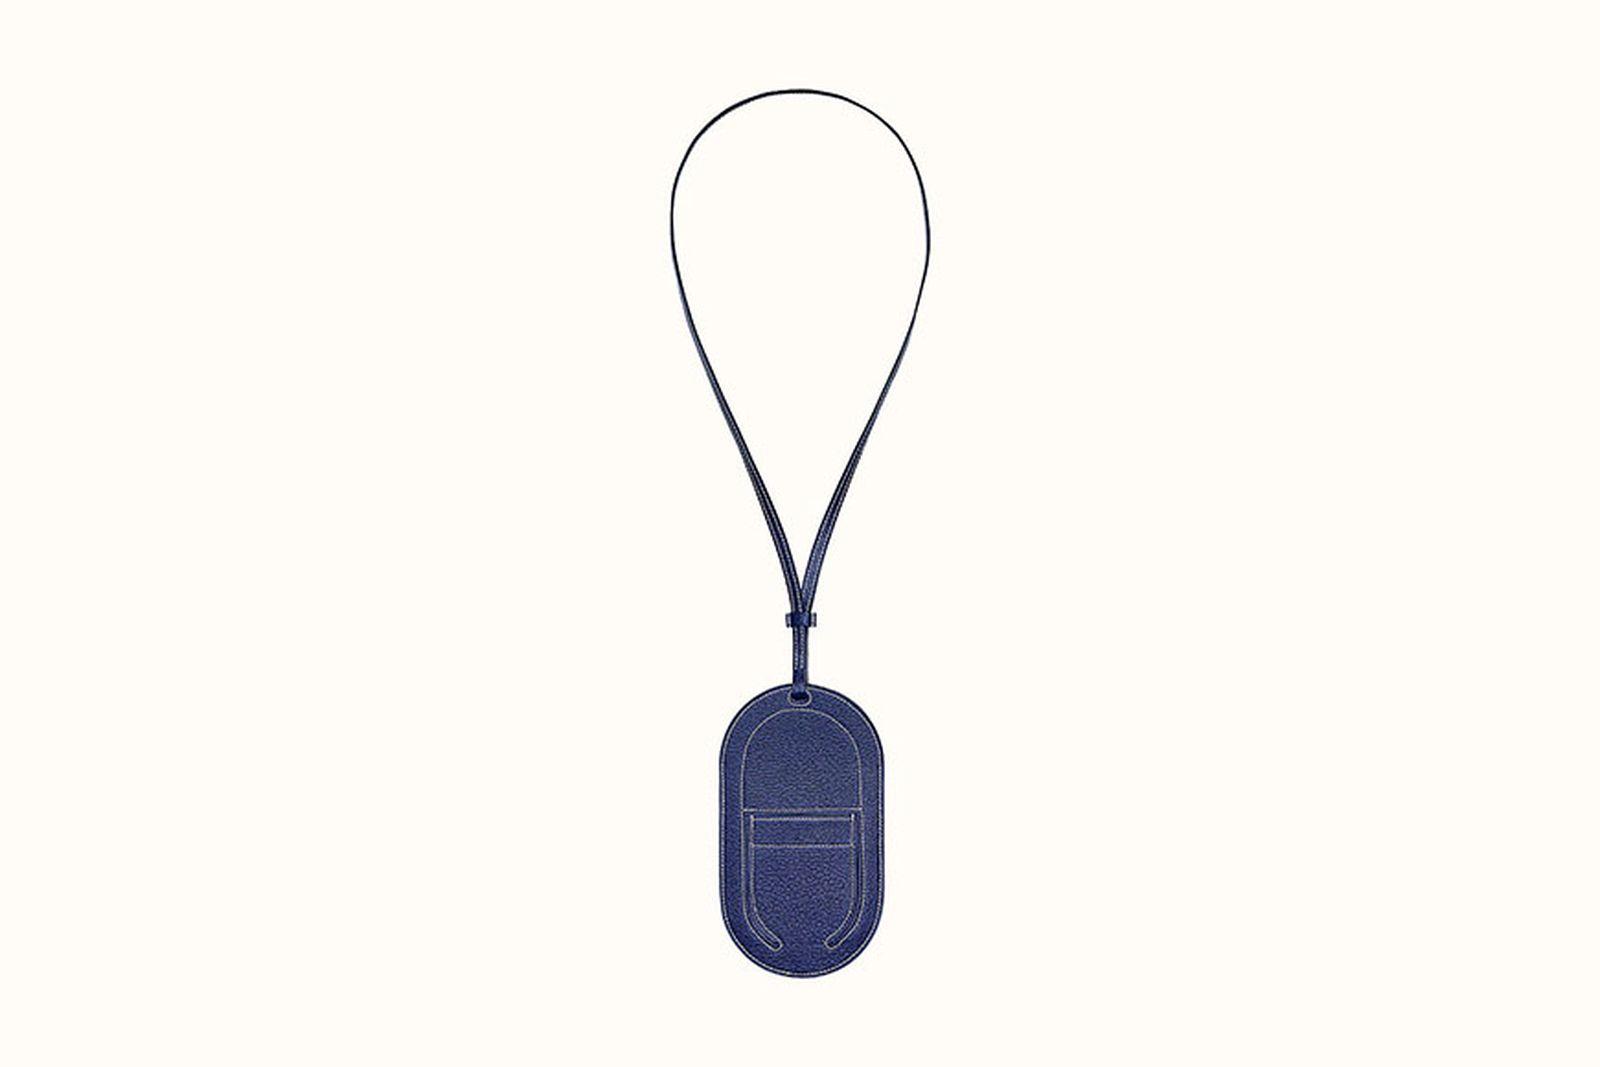 hermes in the loop smartphone case